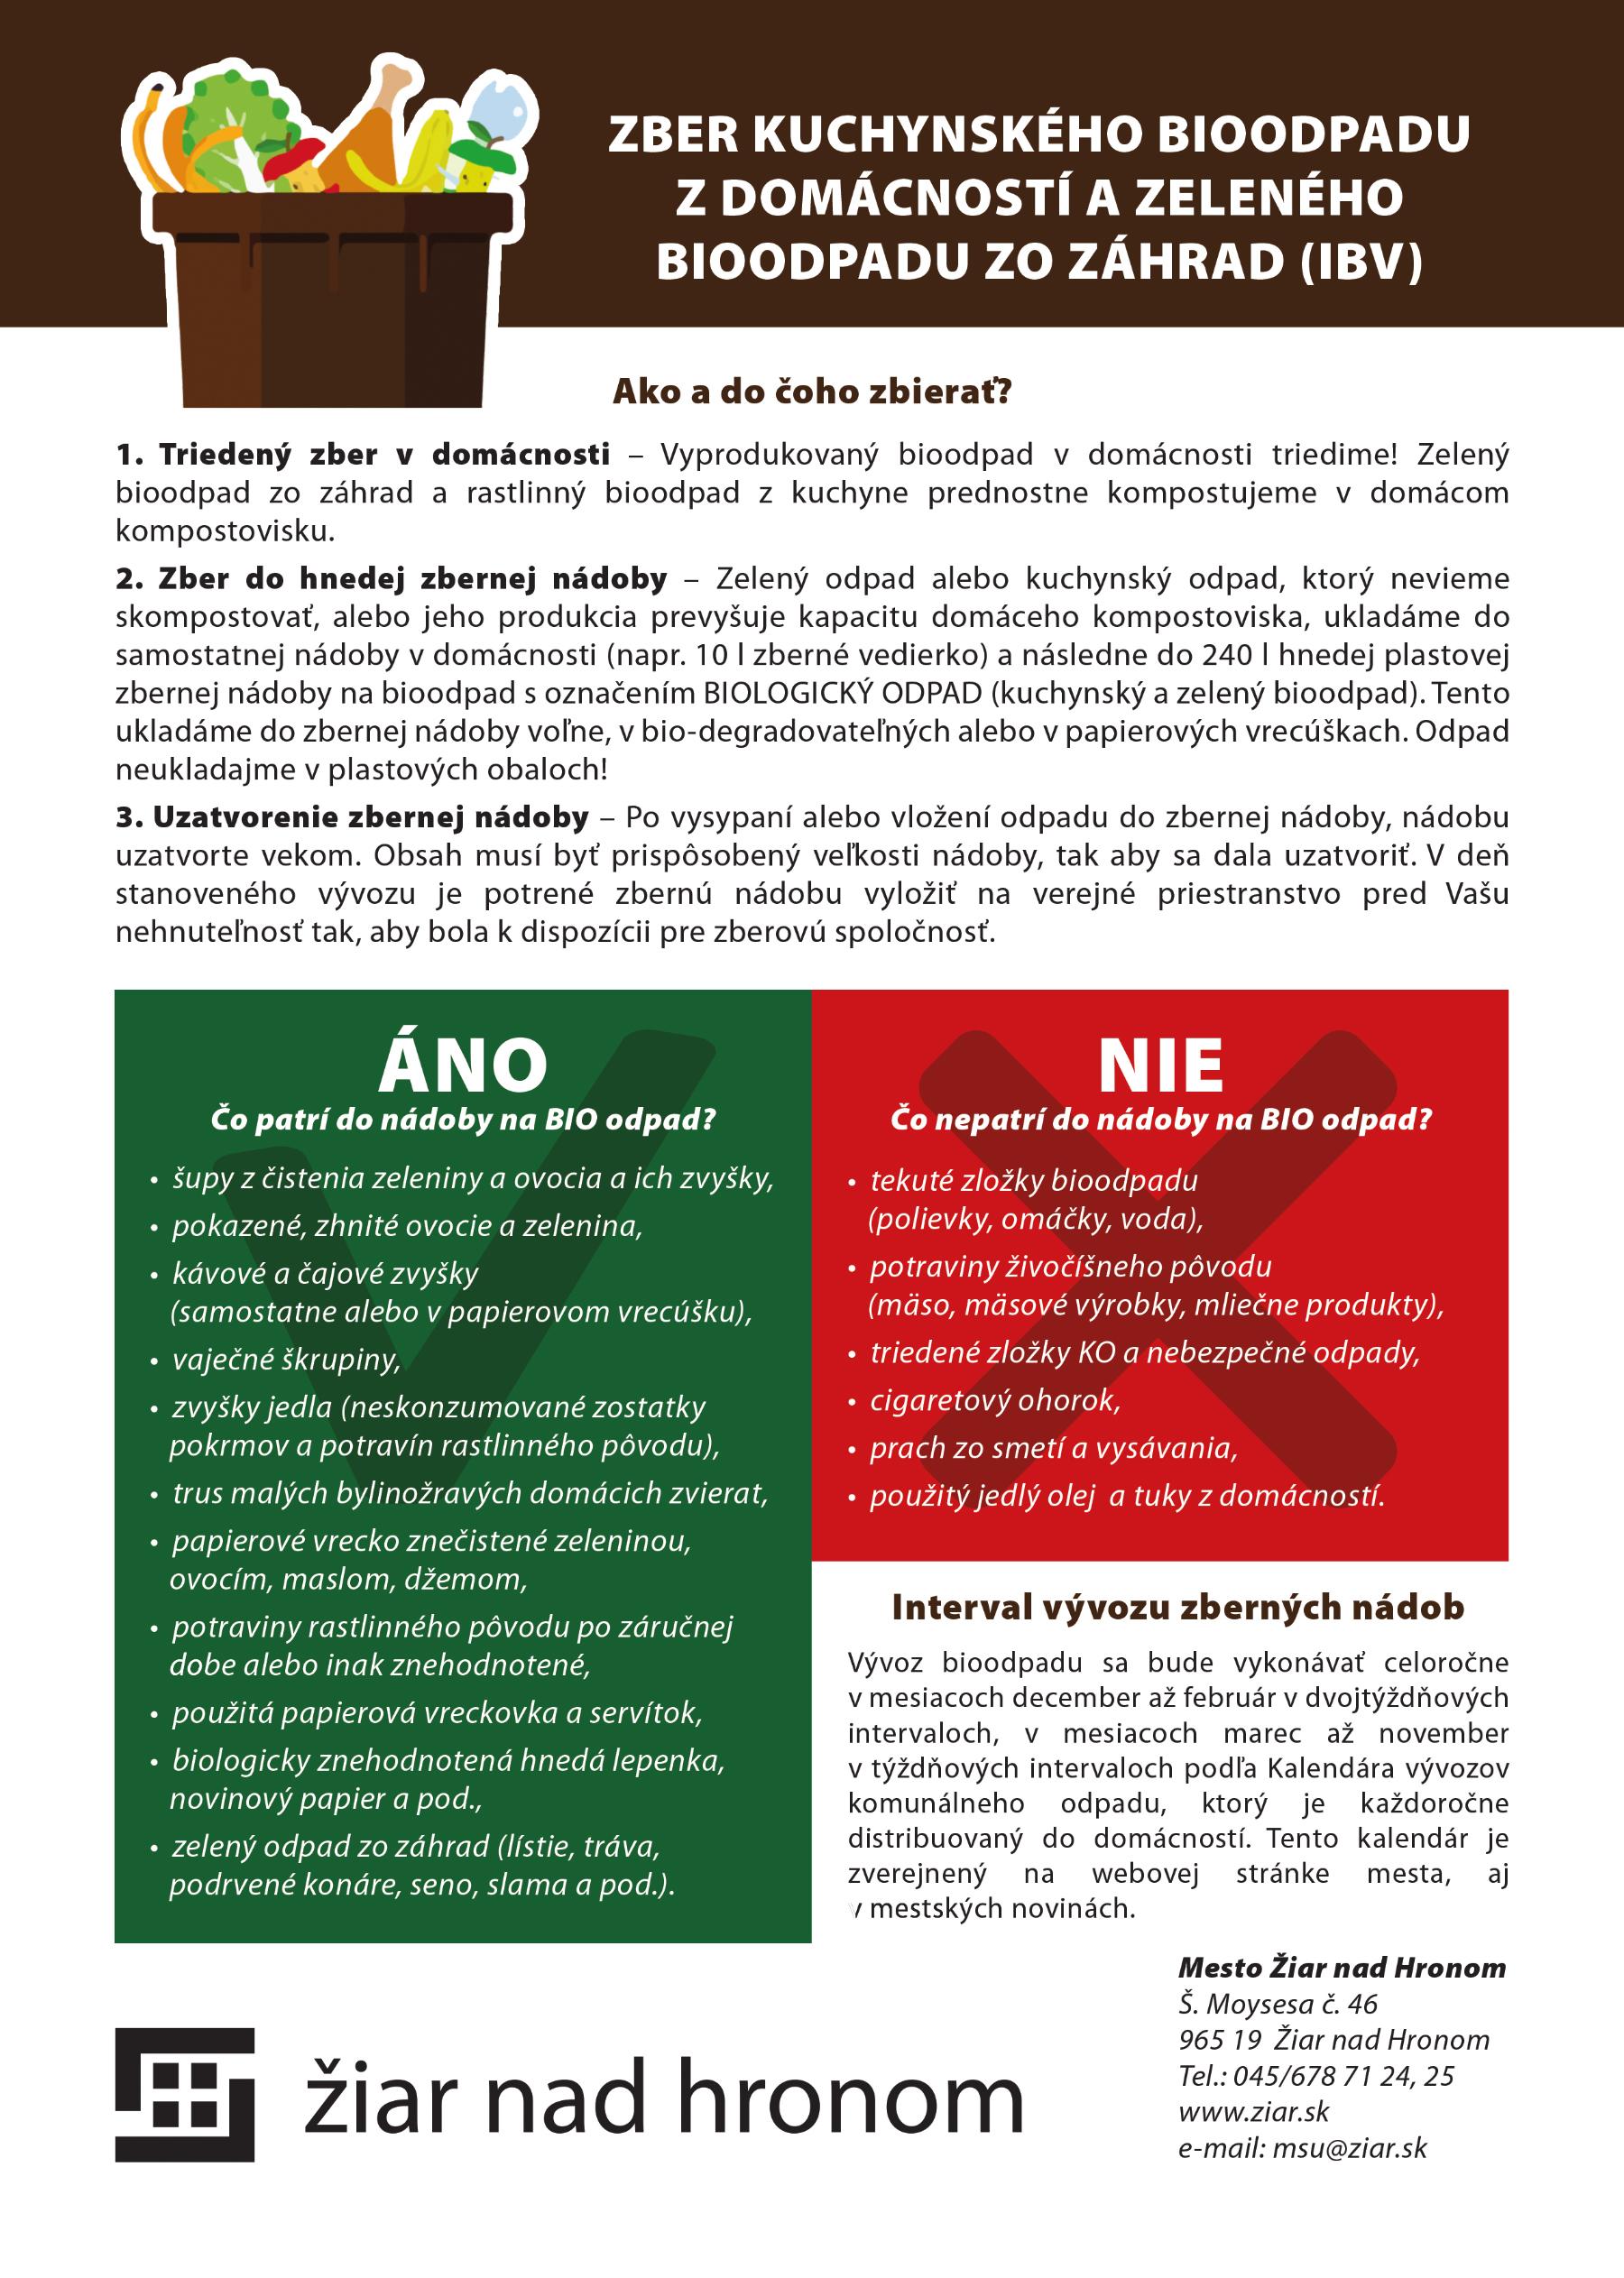 Informačný leták - zber kuchynského biodpadu z domácnosti a zeleného bioodpadu zo záhrad (IBV)